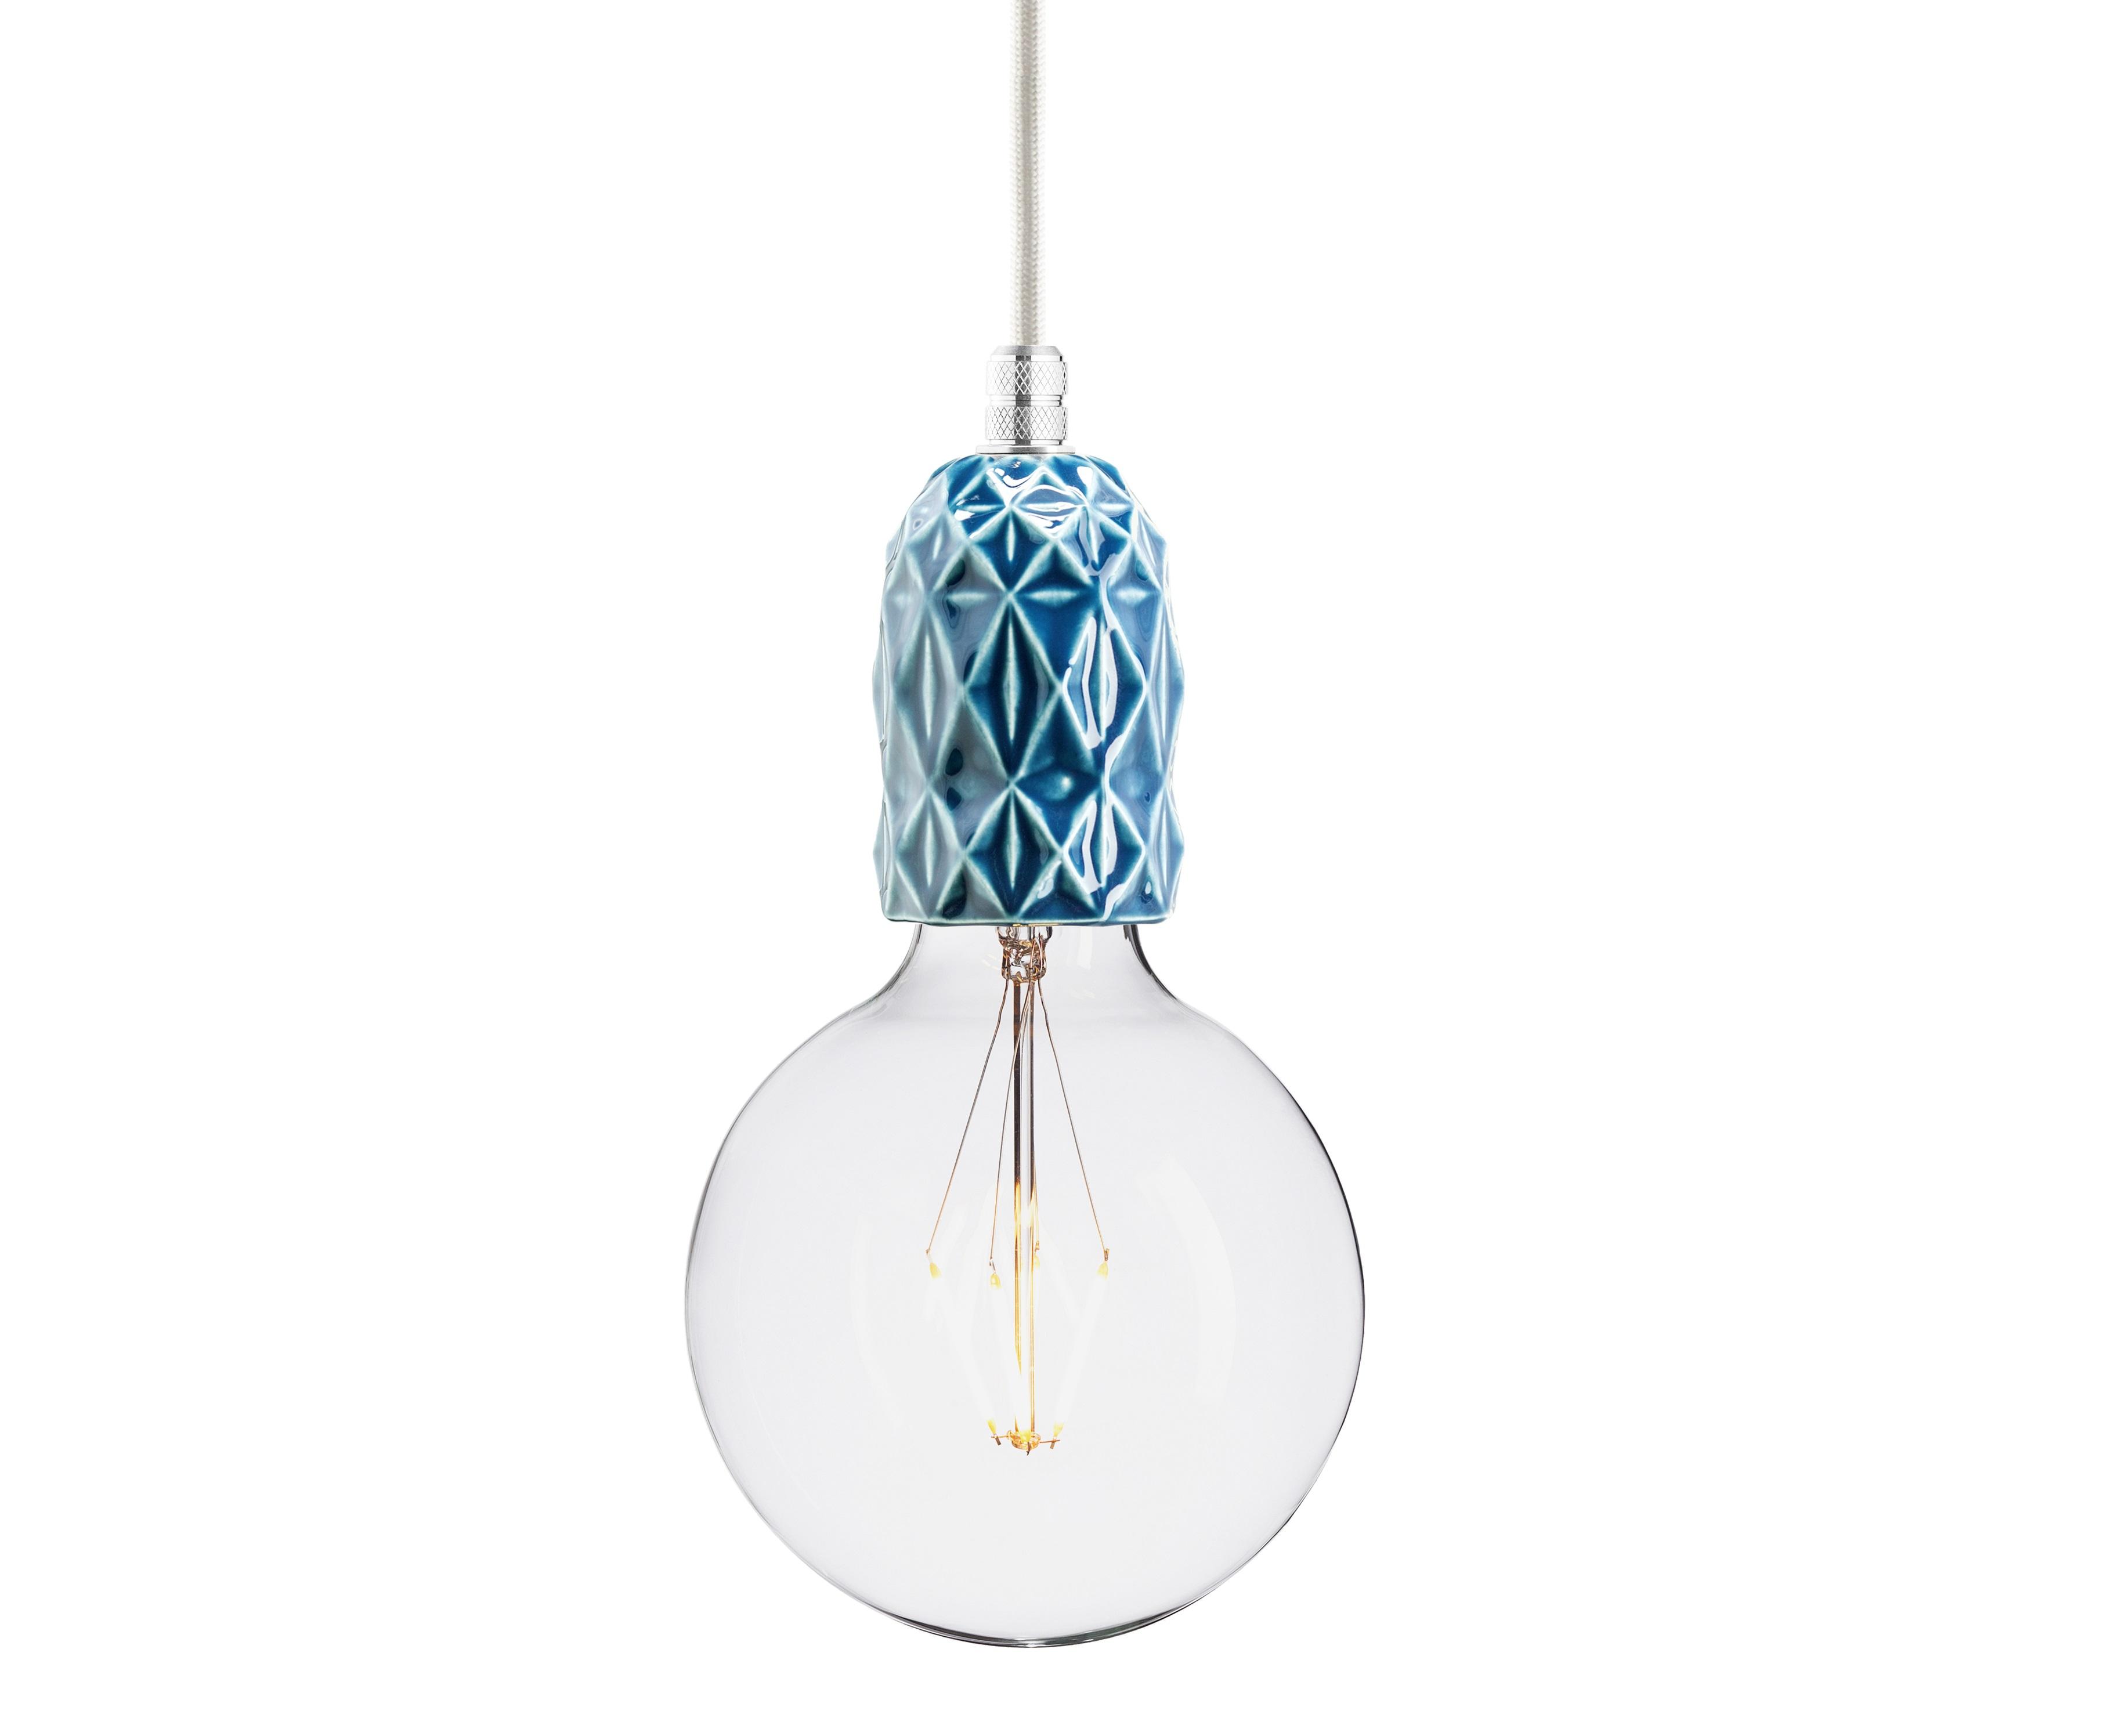 Подвесной светильник AIRПодвесные светильники<br>Подвесной светильник из керамики, доступный в 4-ех цветах: красном, индиго, голубом и лиловом. Два вида фурнитуры: латунь или алюминий.&amp;lt;div&amp;gt;&amp;lt;br&amp;gt;&amp;lt;/div&amp;gt;&amp;lt;div&amp;gt;&amp;lt;div&amp;gt;Вид цоколя: E27&amp;lt;/div&amp;gt;&amp;lt;div&amp;gt;Мощность: 60W&amp;lt;/div&amp;gt;&amp;lt;div&amp;gt;Количество ламп: 1&amp;lt;/div&amp;gt;&amp;lt;/div&amp;gt;&amp;lt;div&amp;gt;&amp;lt;br&amp;gt;&amp;lt;/div&amp;gt;<br><br>Material: Керамика<br>Ширина см: 5.9<br>Высота см: 10.5<br>Глубина см: 5.9